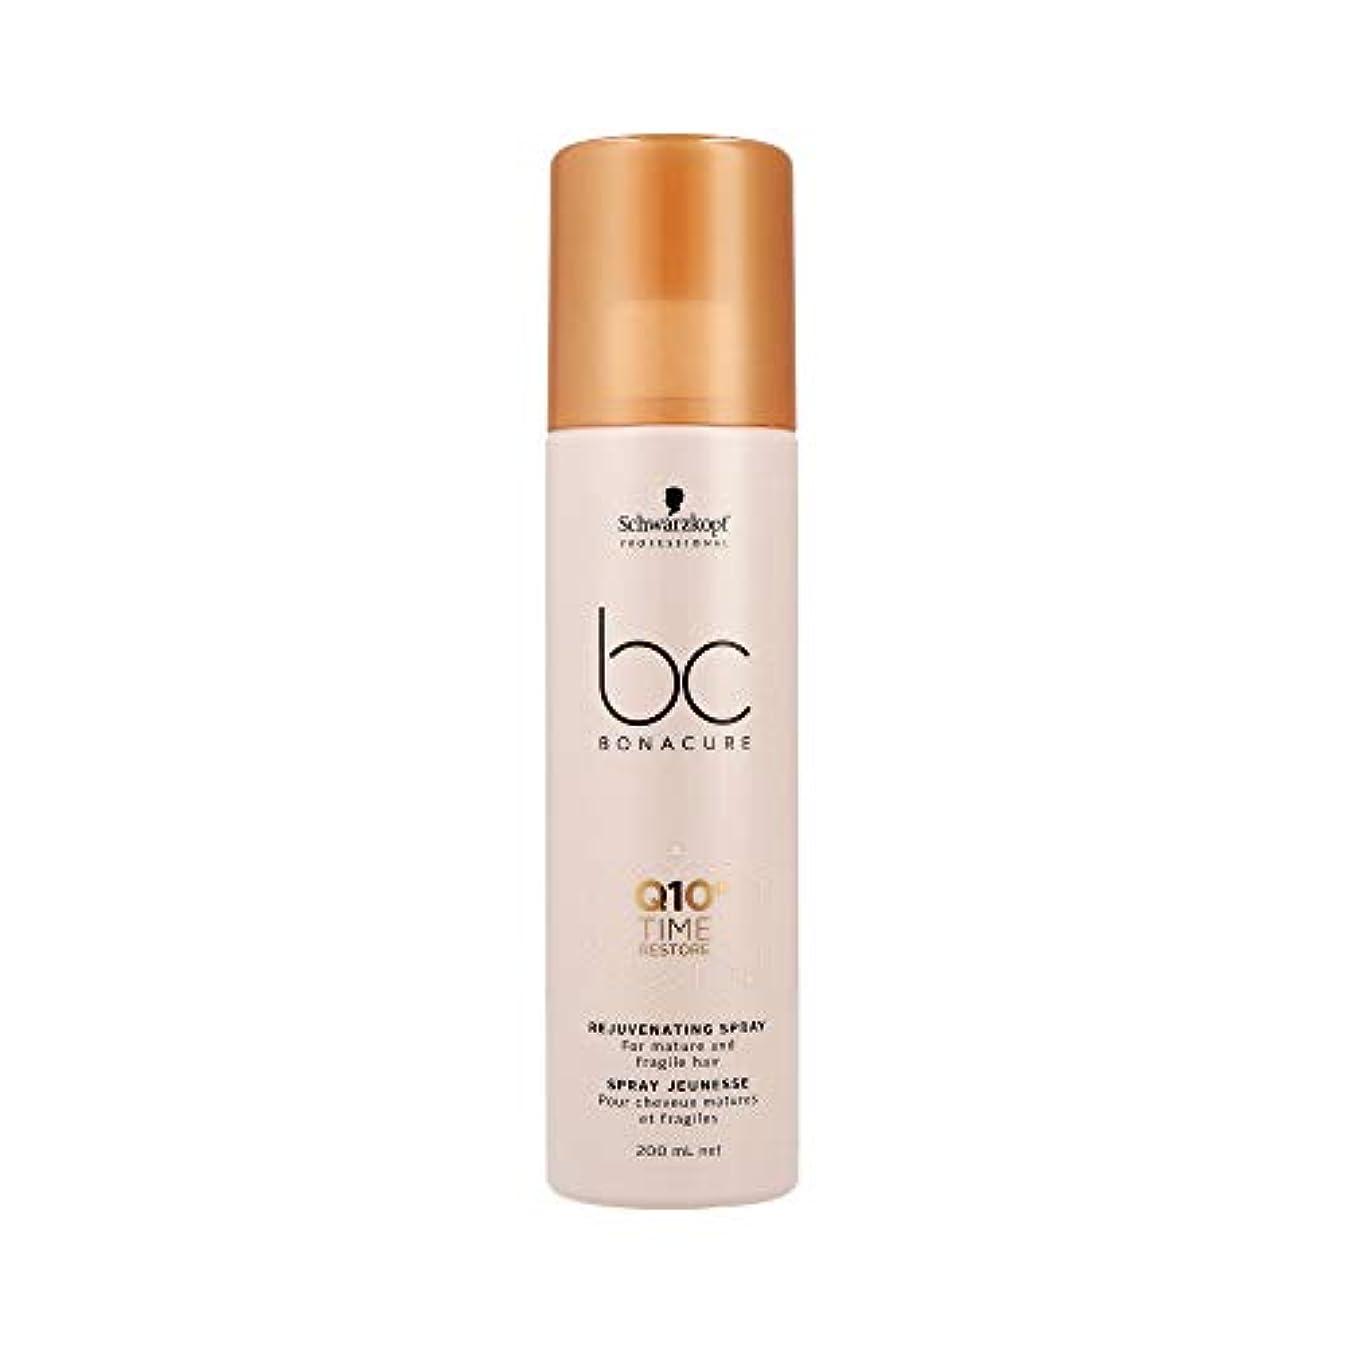 社交的アンデス山脈私たち自身シュワルツコフ BC Q10+ タイム リストア リジュヴェネイティング スプレー Schwarzkopf BC Bonacure Q10+ Time Restore Rejuvenating Spray For Mature And Fragile Hair 200 ml [並行輸入品]